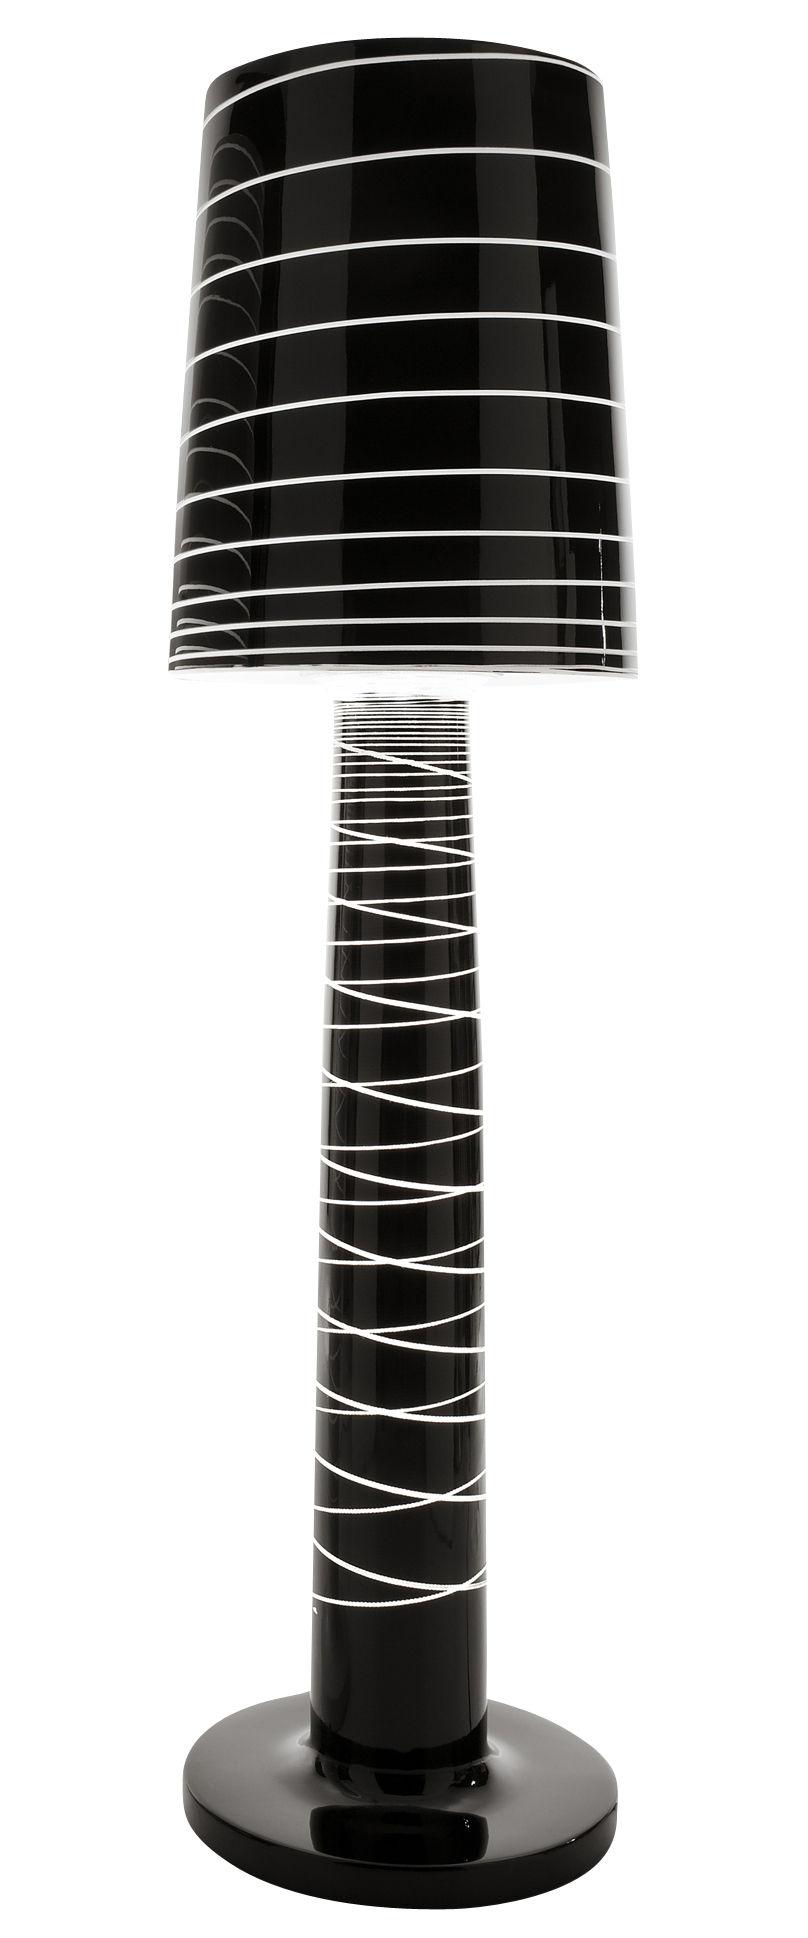 Luminaire - Lampadaires - Lampadaire Miss Jane H 150 cm - Serralunga - Noir laqué rayé - Polyéthylène